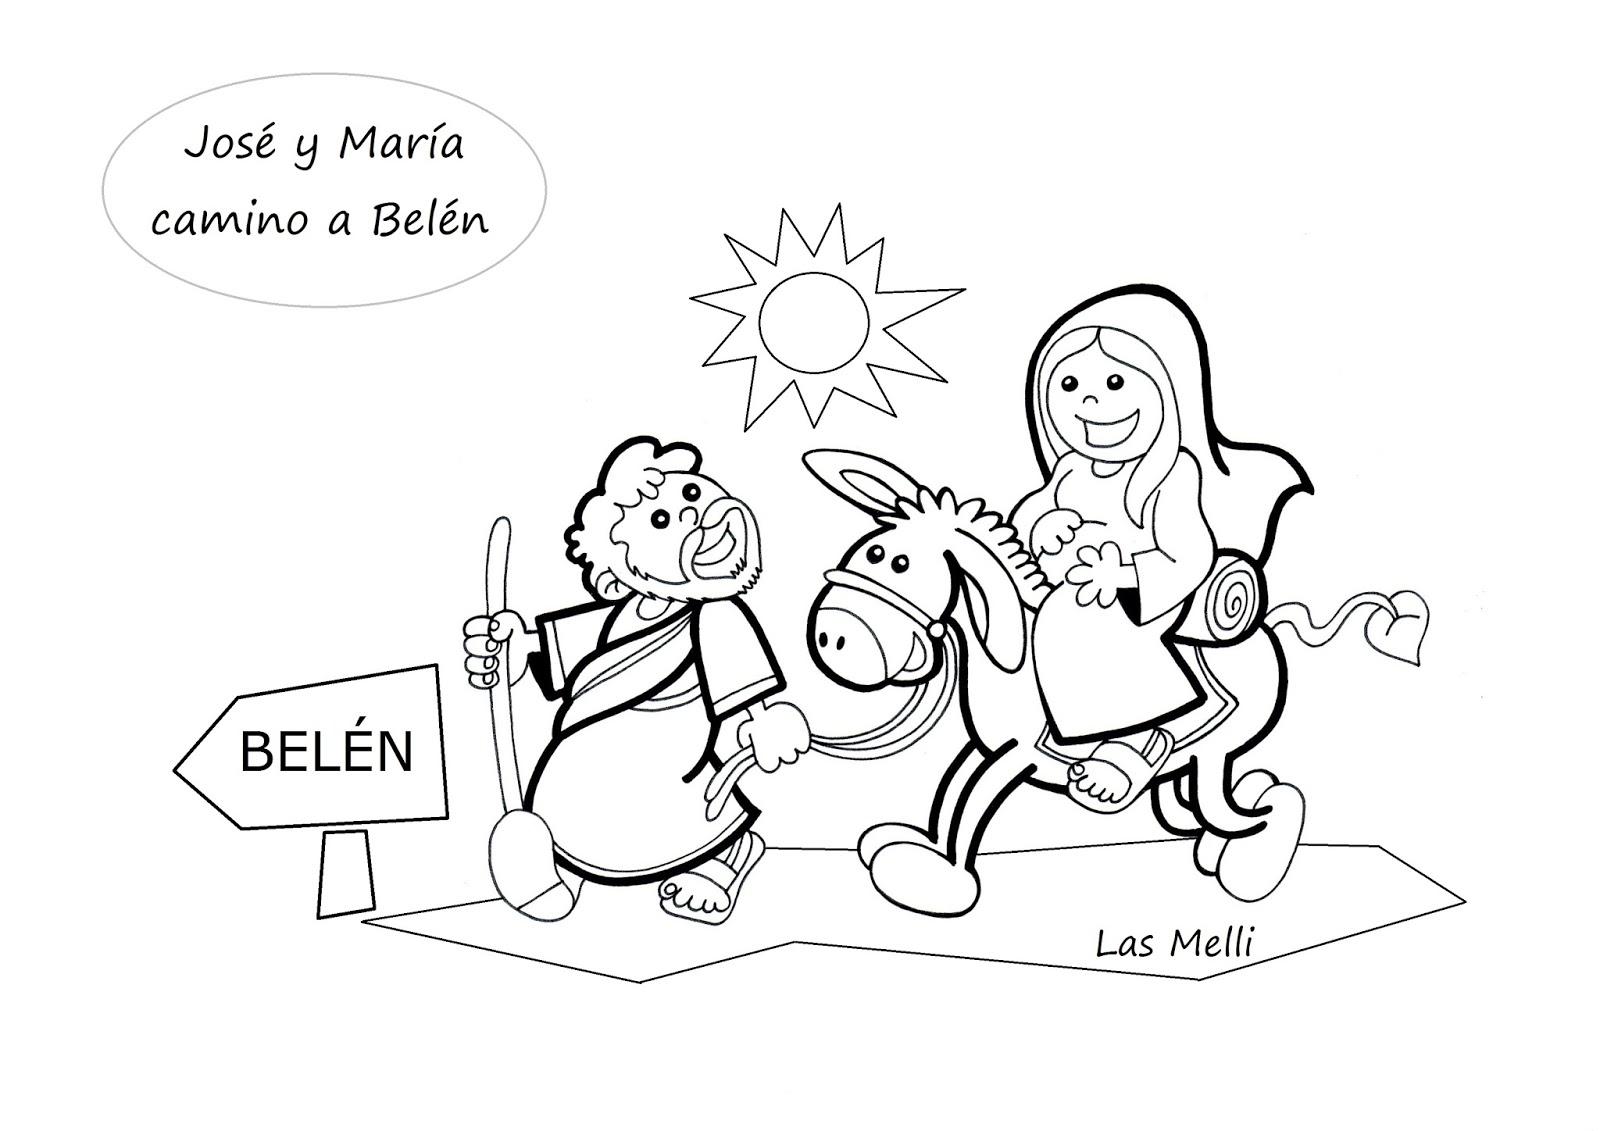 El Rincon De Las Melli Dibujo Jose Y Maria Camino A Belen